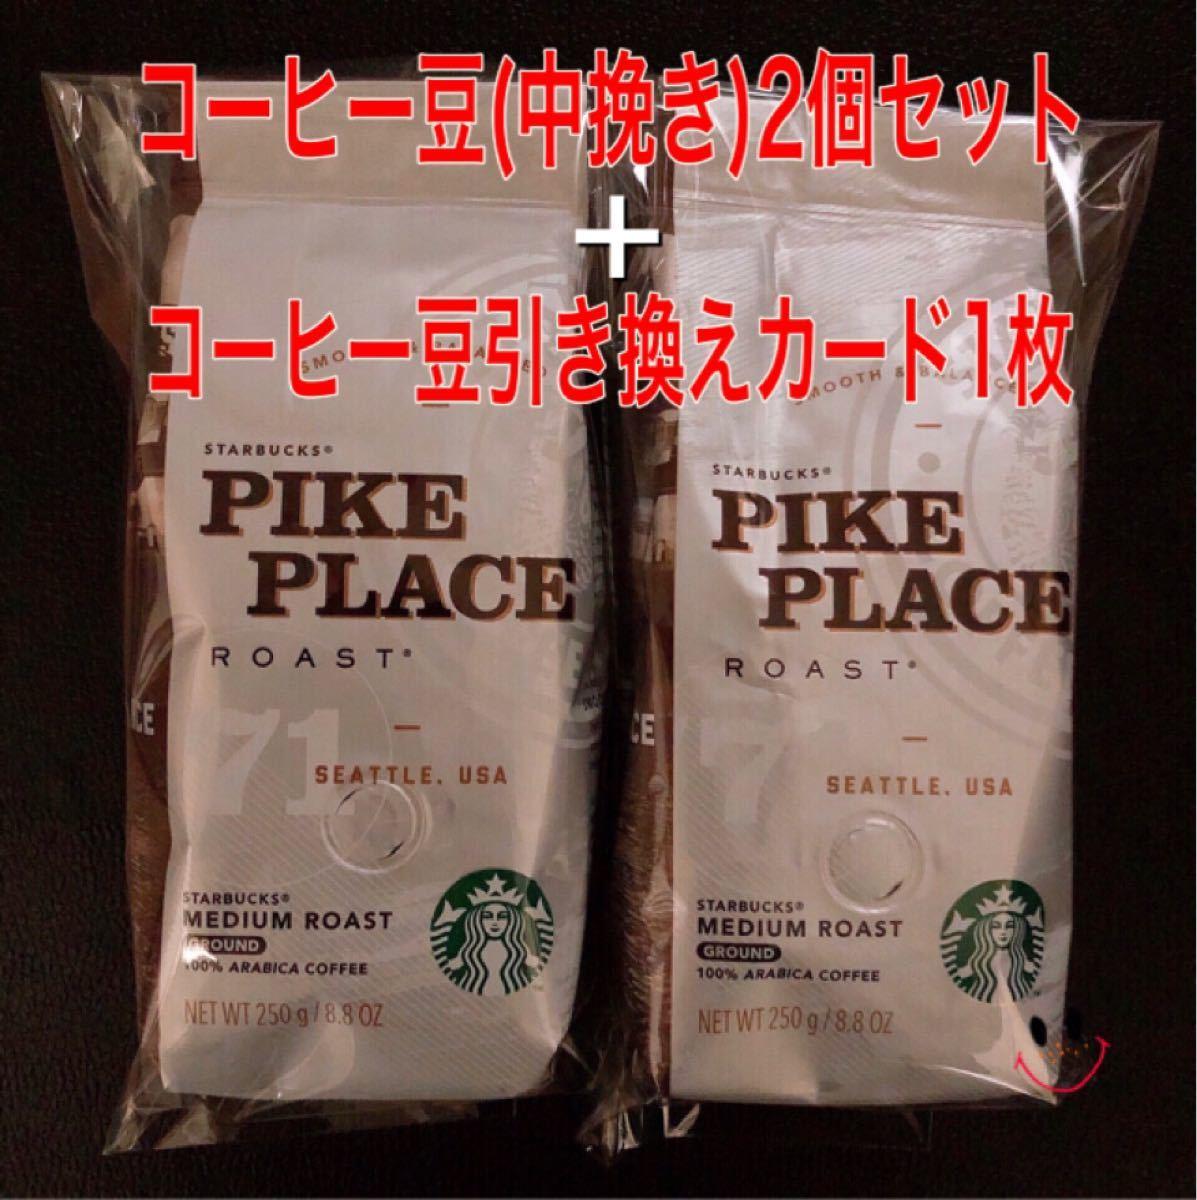 スタバ スターバックス 福袋 コーヒー豆 中挽き 2個セット、コーヒー豆引き換えカード 1枚